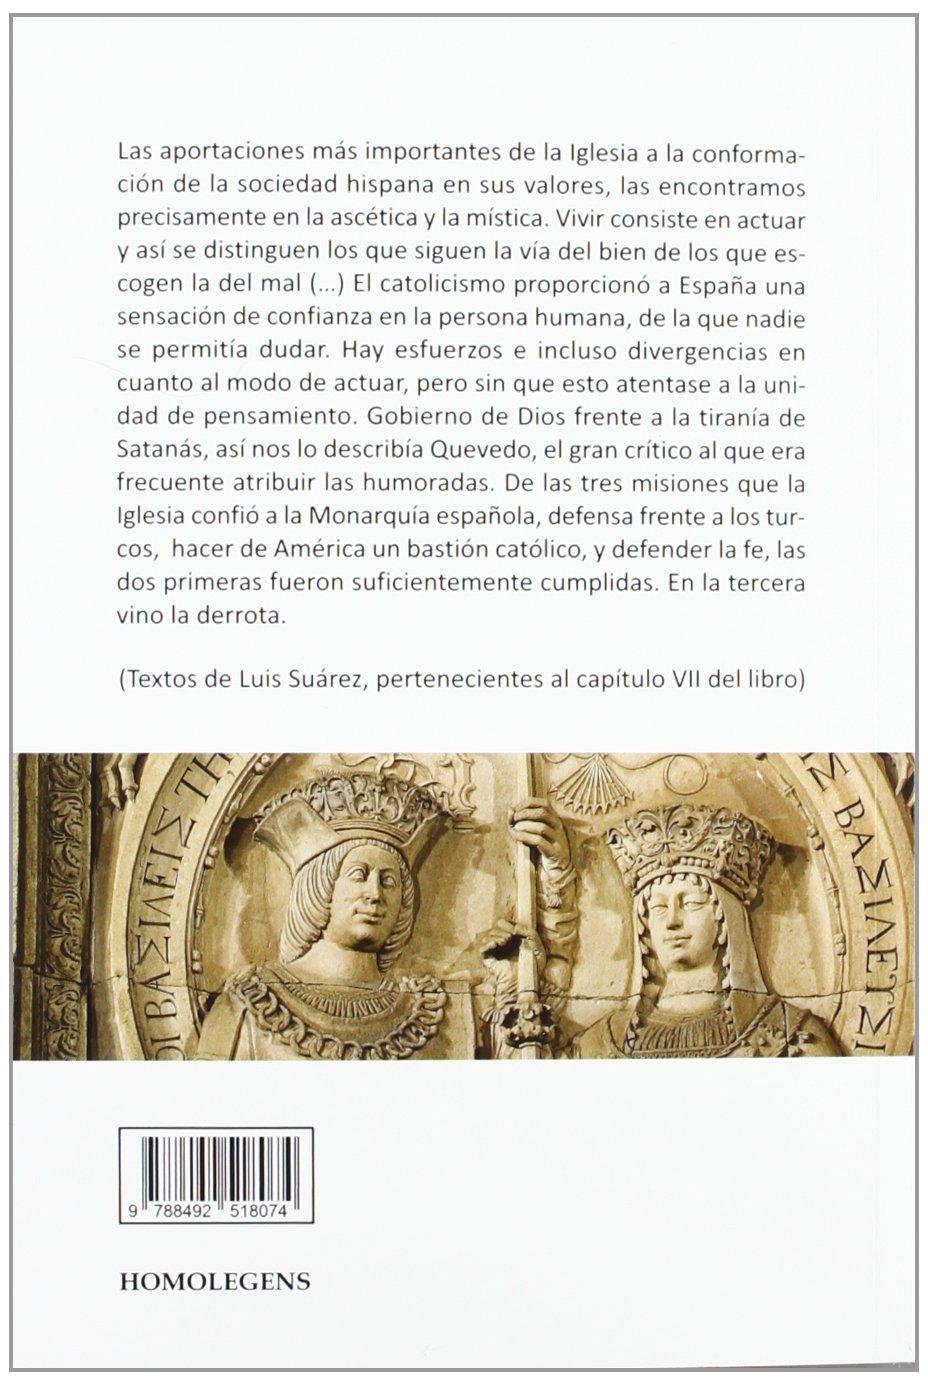 LO QUE ESPAÑA DEBE A LA IGLESIA CATOLICA: Amazon.es: SUAREZ FERNANDEZ, LUIS: Libros